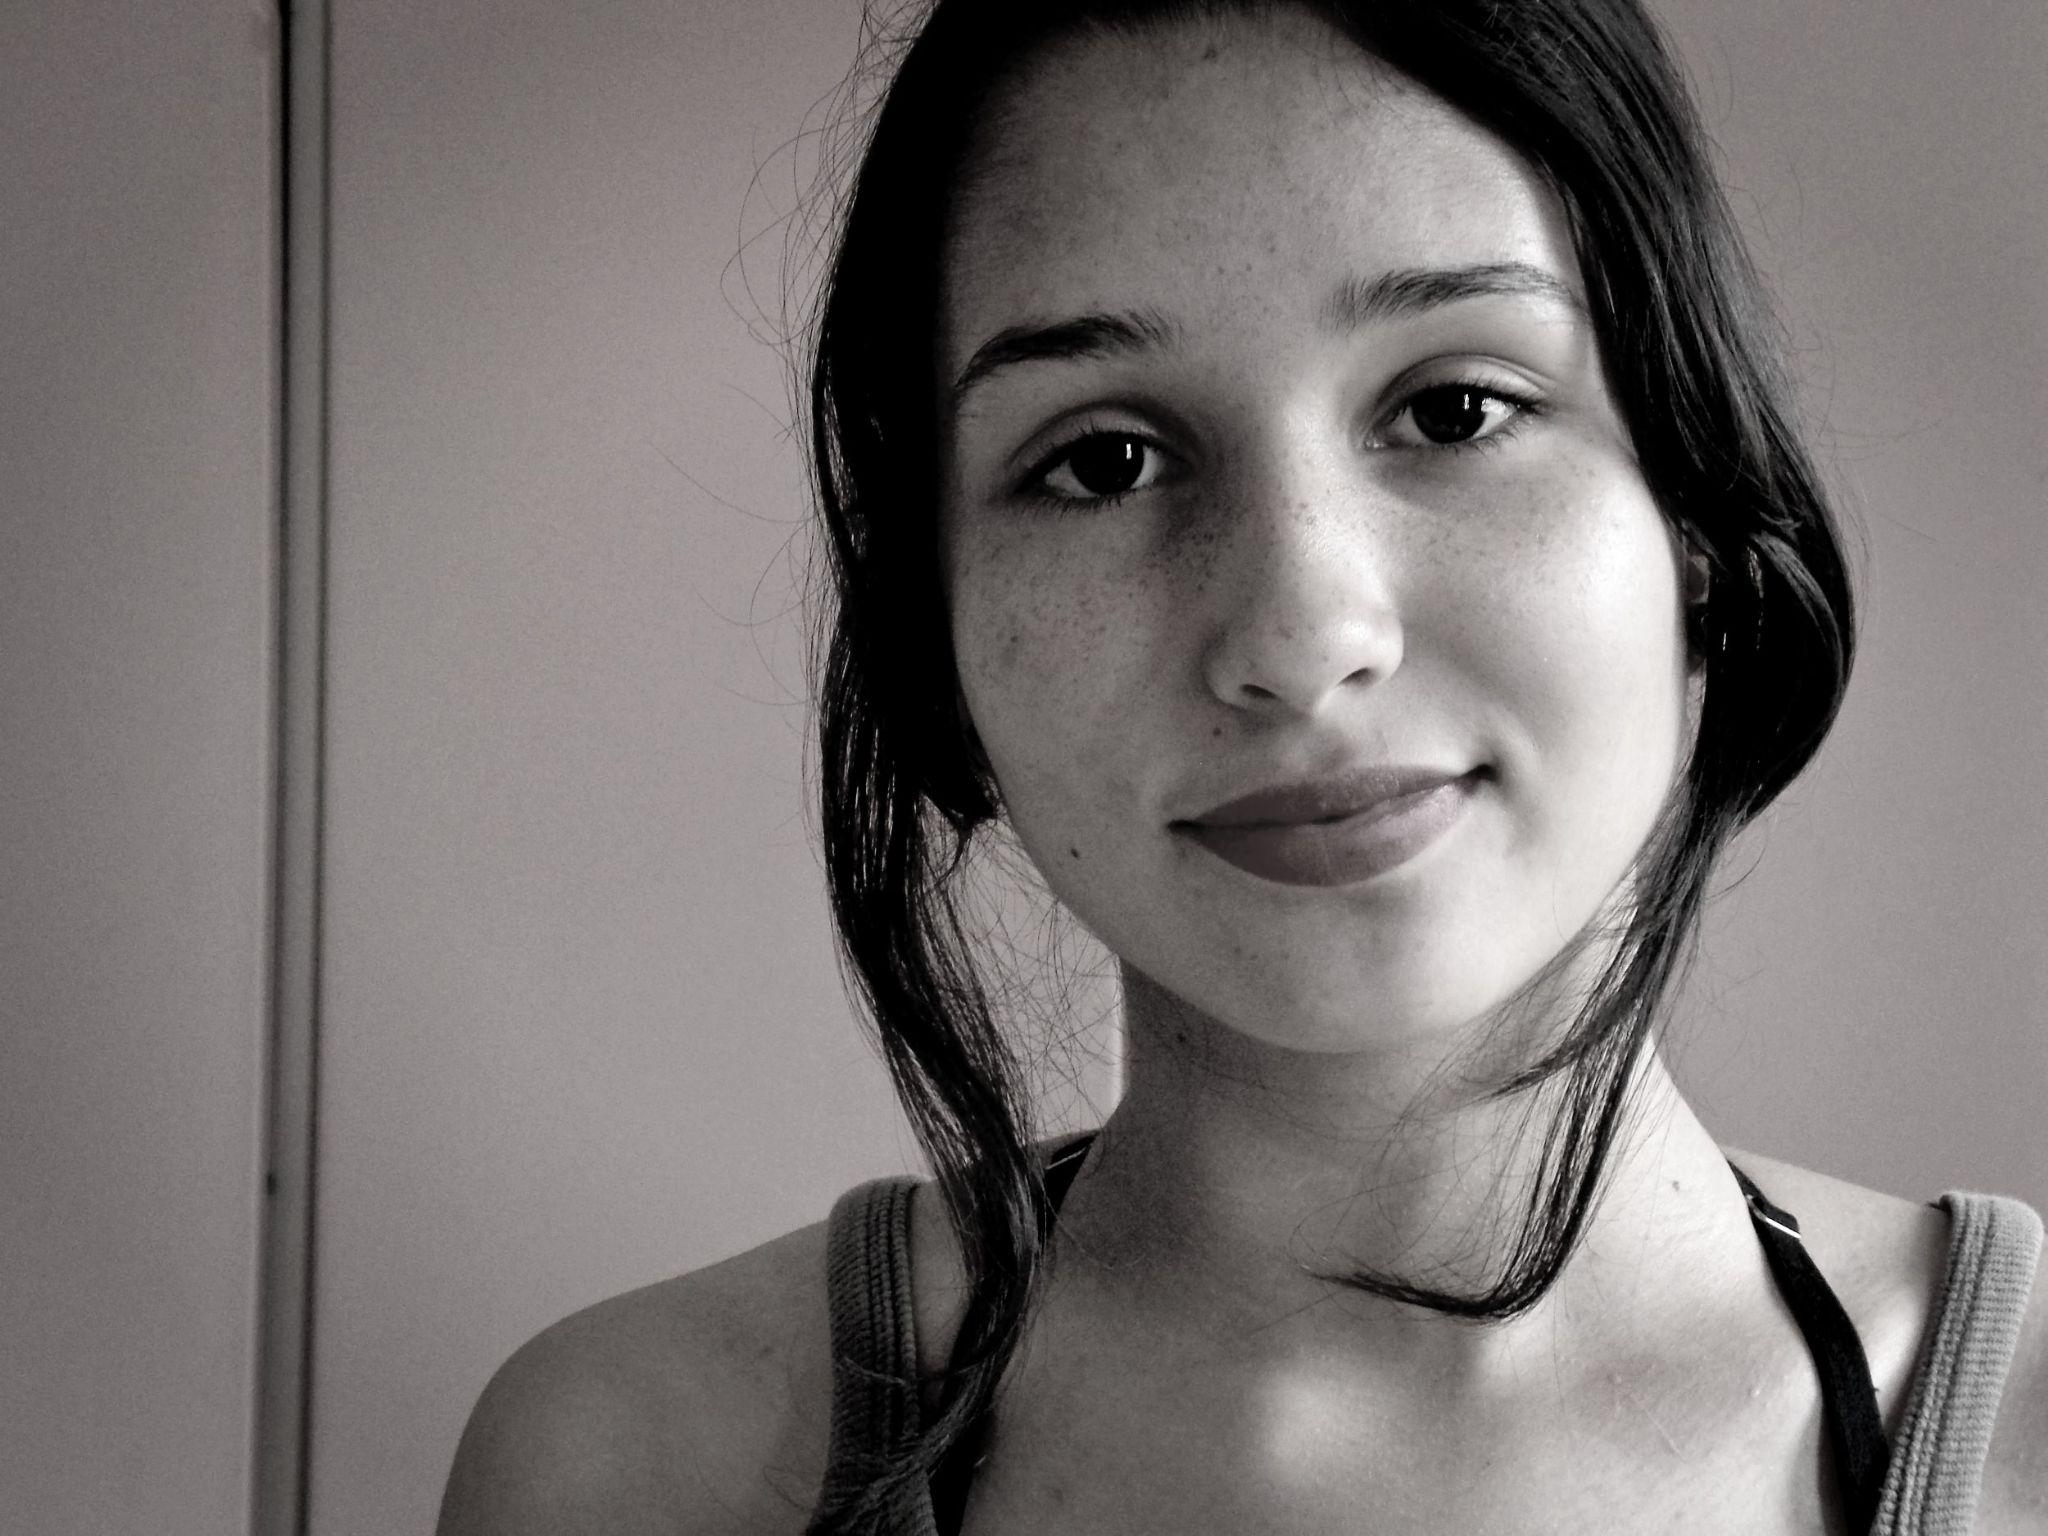 Girl by Amanda Reis Romero